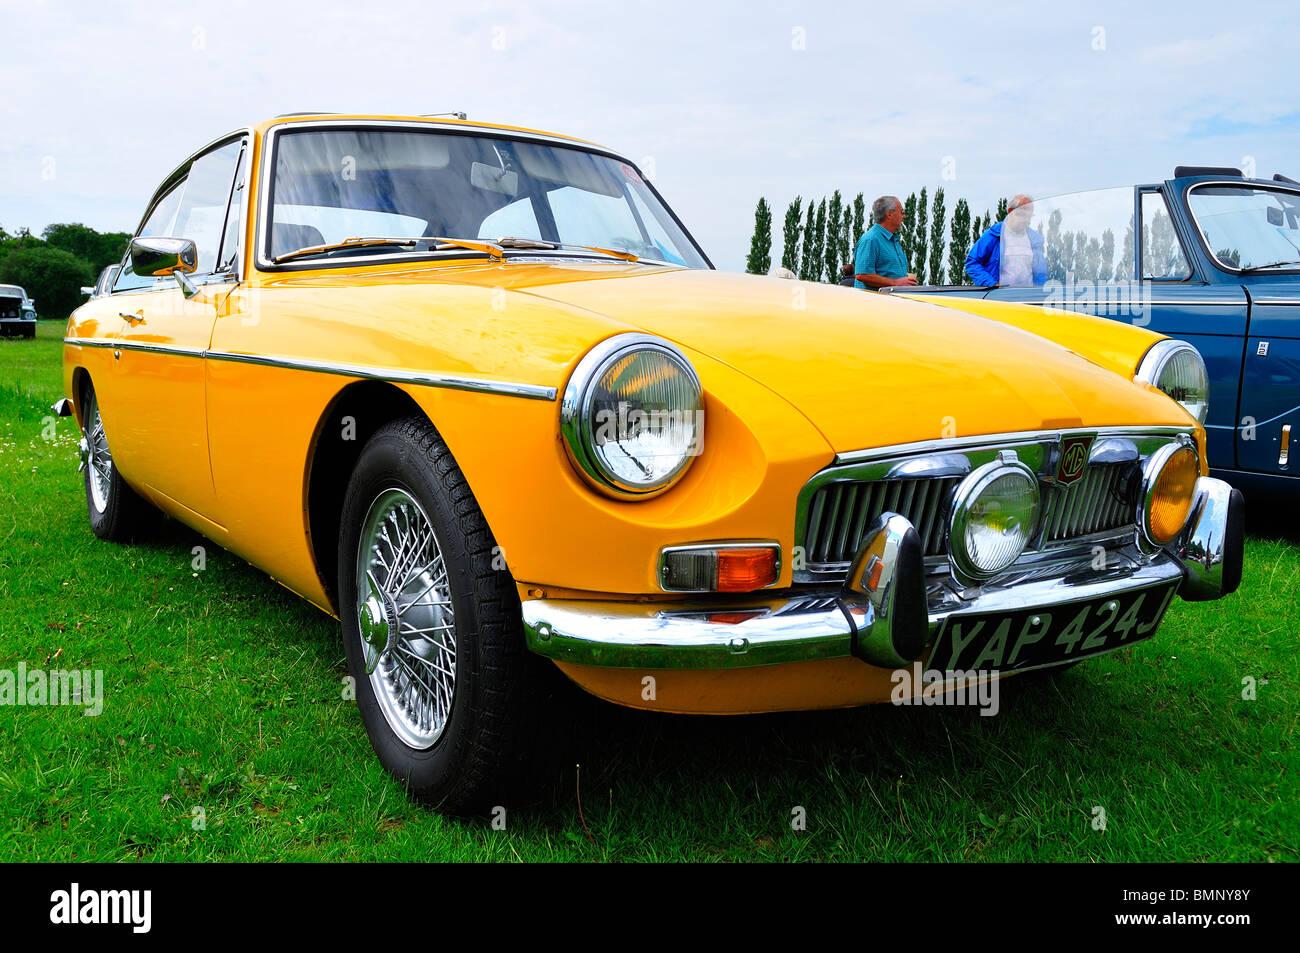 Mg Car Stock Photos Mg Car Stock Images Alamy - Mg car show